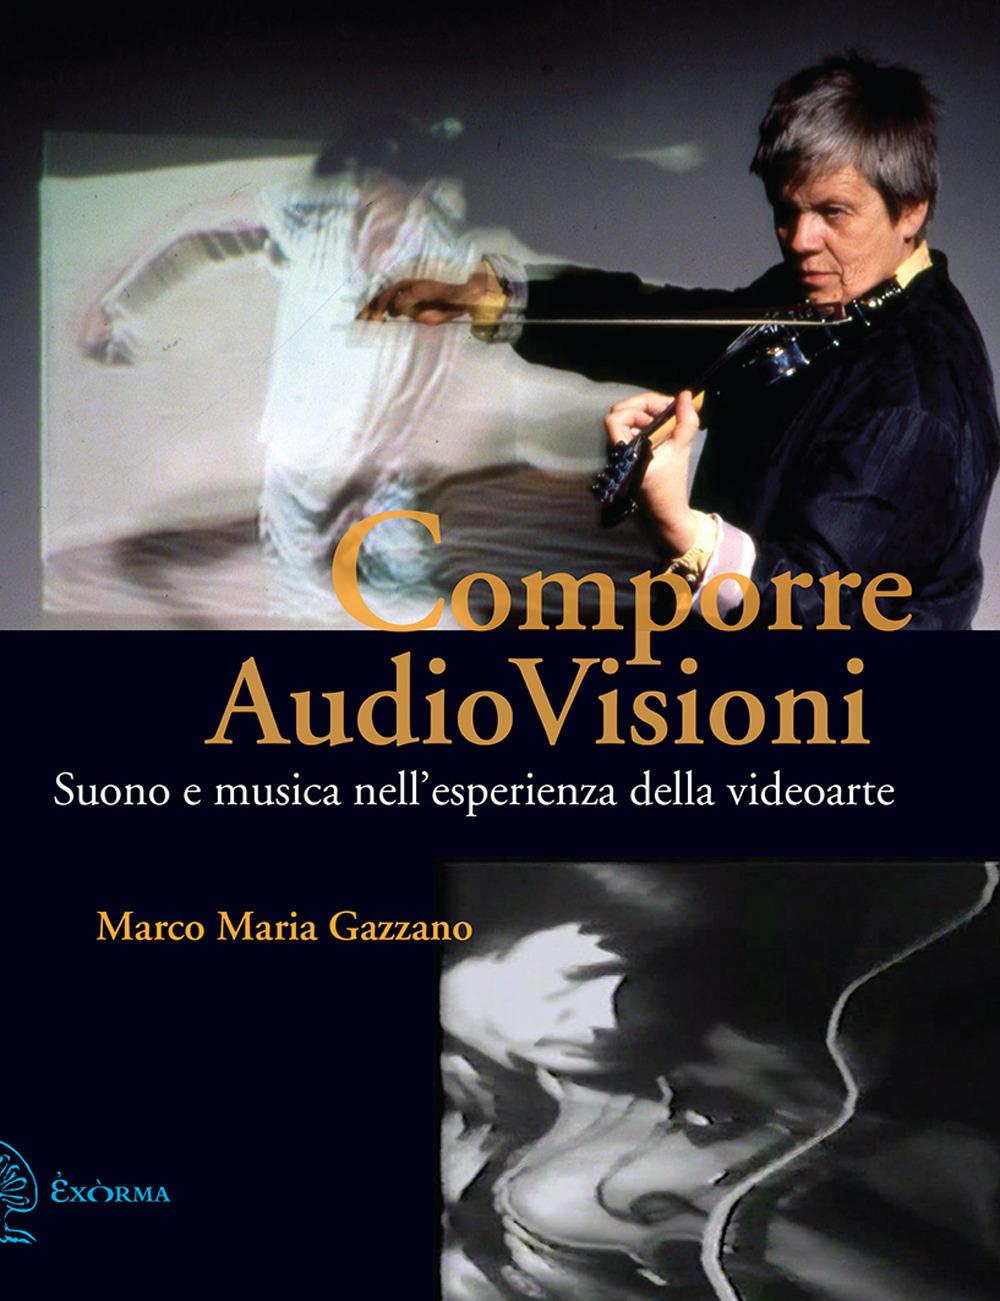 COMPORRE AUDIOVISIONI. SUONO E MUSICA NELL'ESPERIENZA DELLA VIDEOARTE - Gazzano Marco Maria - 9788831461153